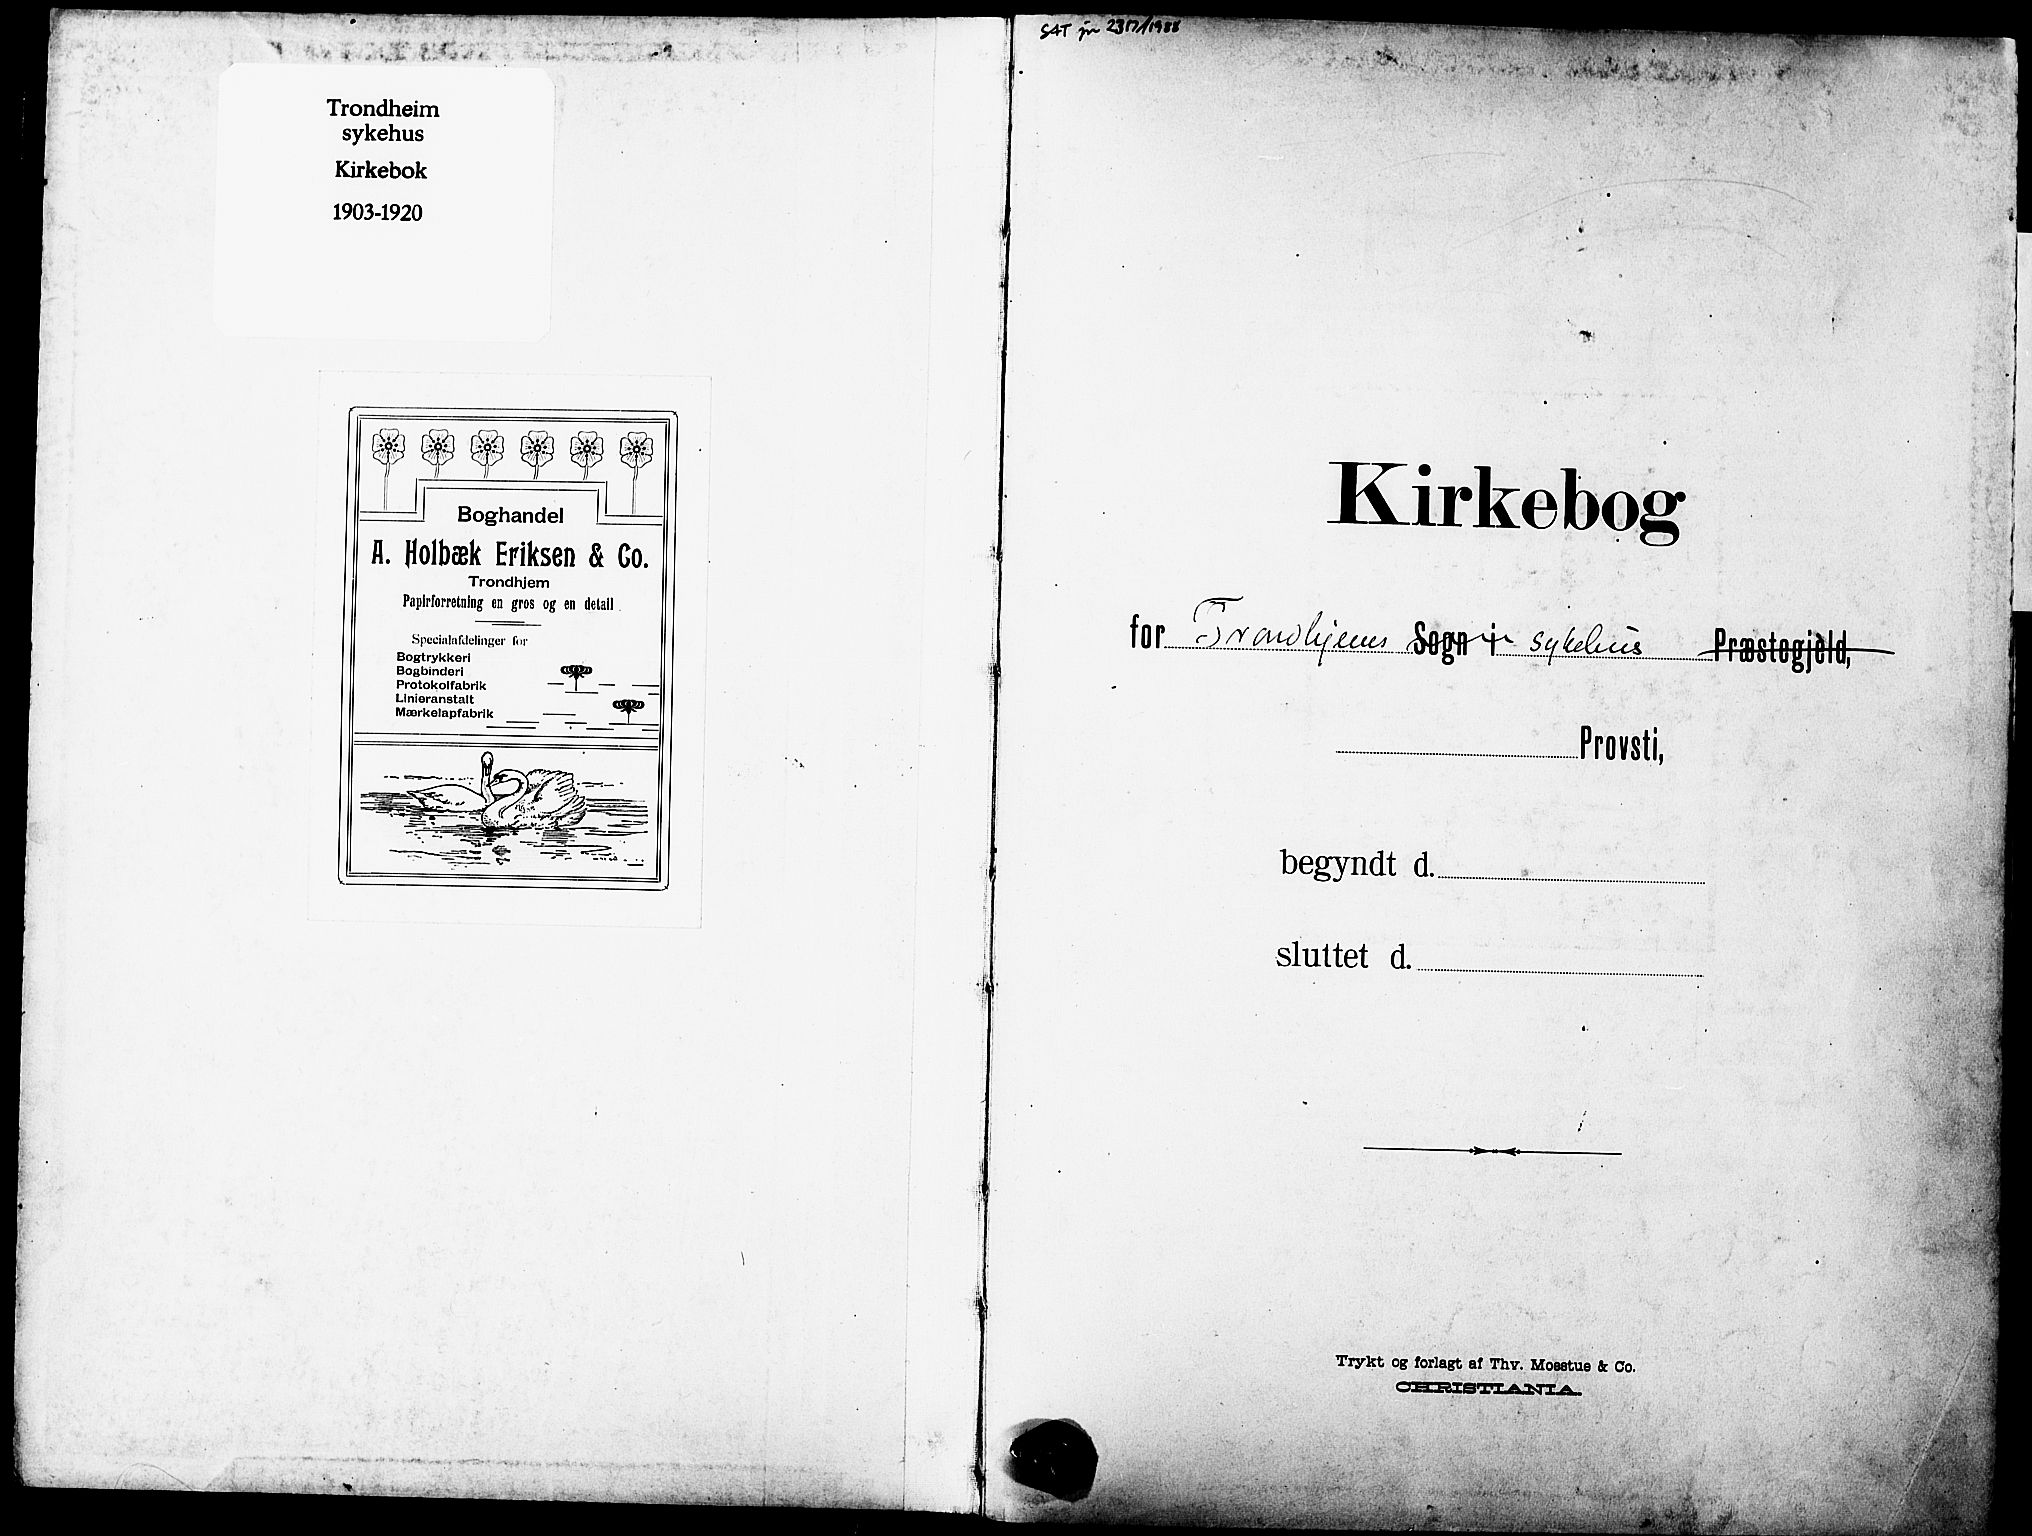 SAT, Ministerialprotokoller, klokkerbøker og fødselsregistre - Sør-Trøndelag, 628/L0483: Ministerialbok nr. 628A01, 1902-1920